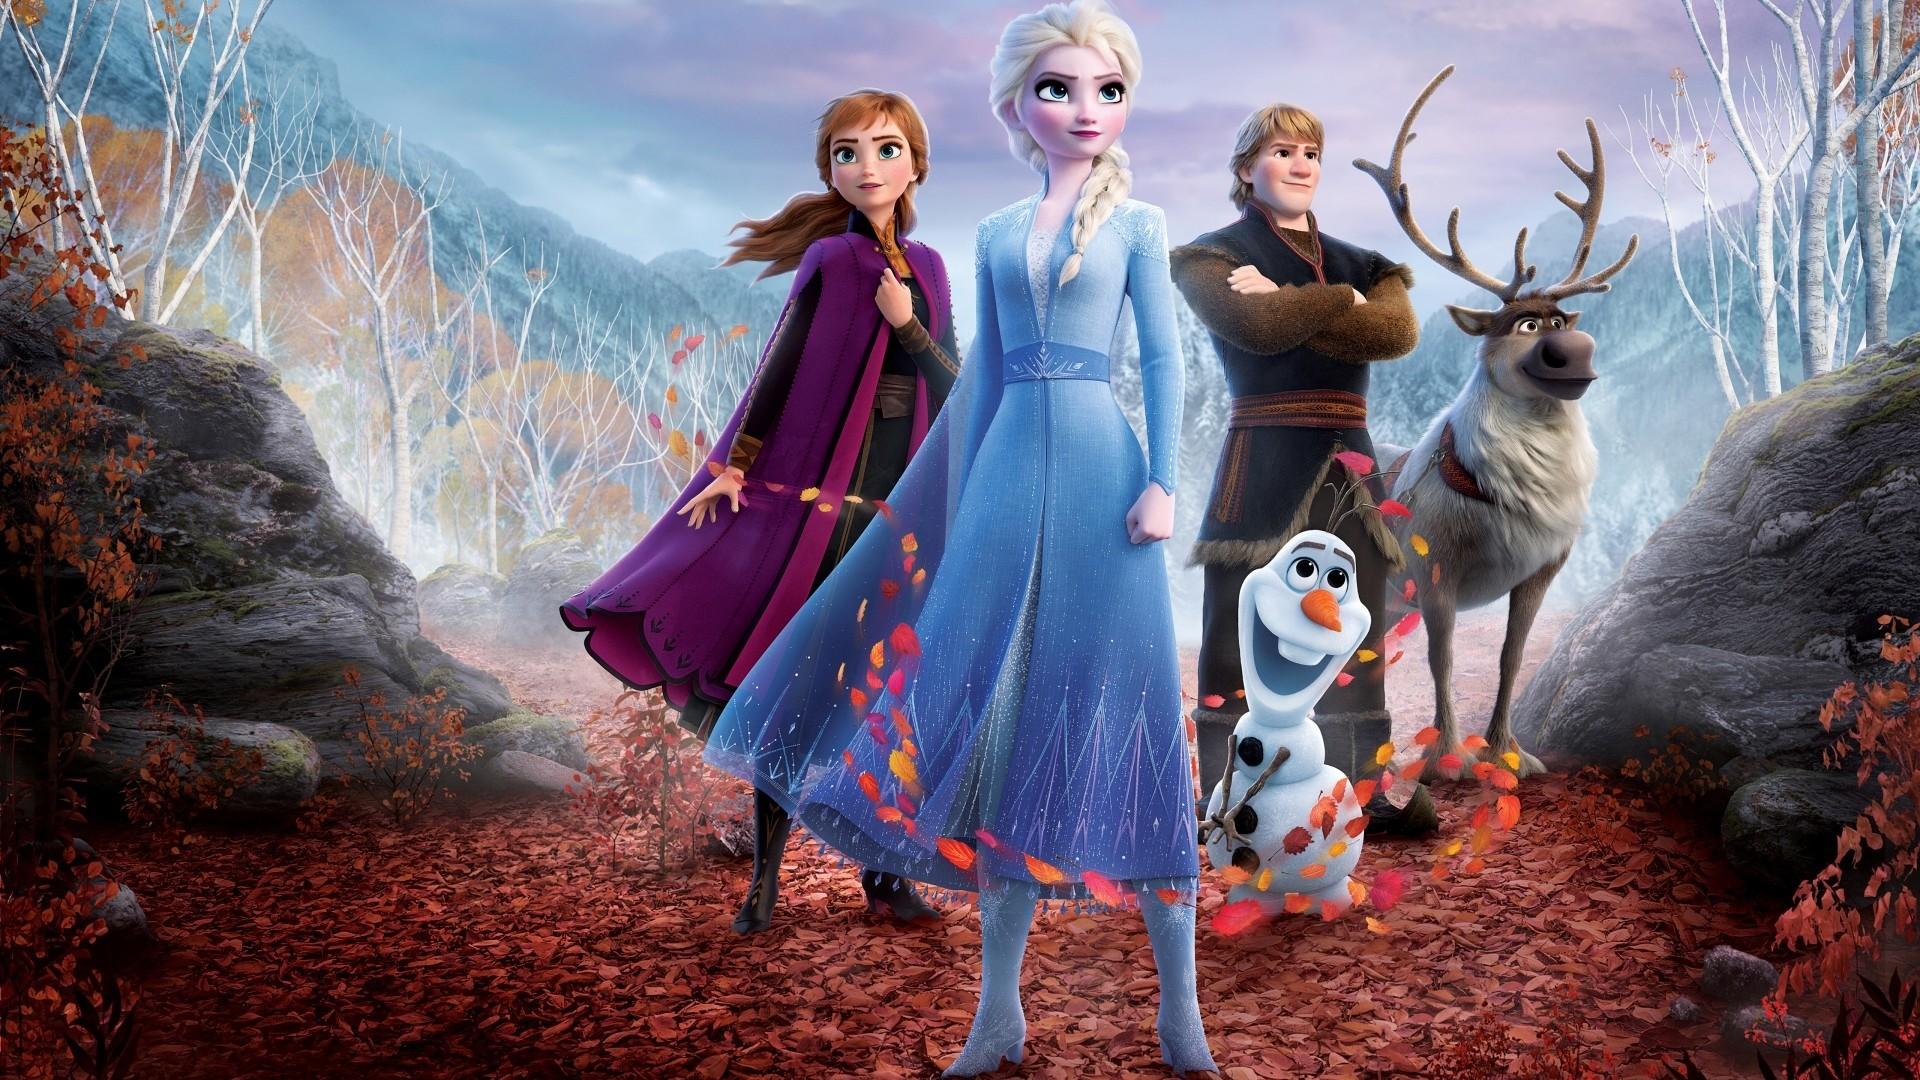 Frozen 2 Download Wallpaper